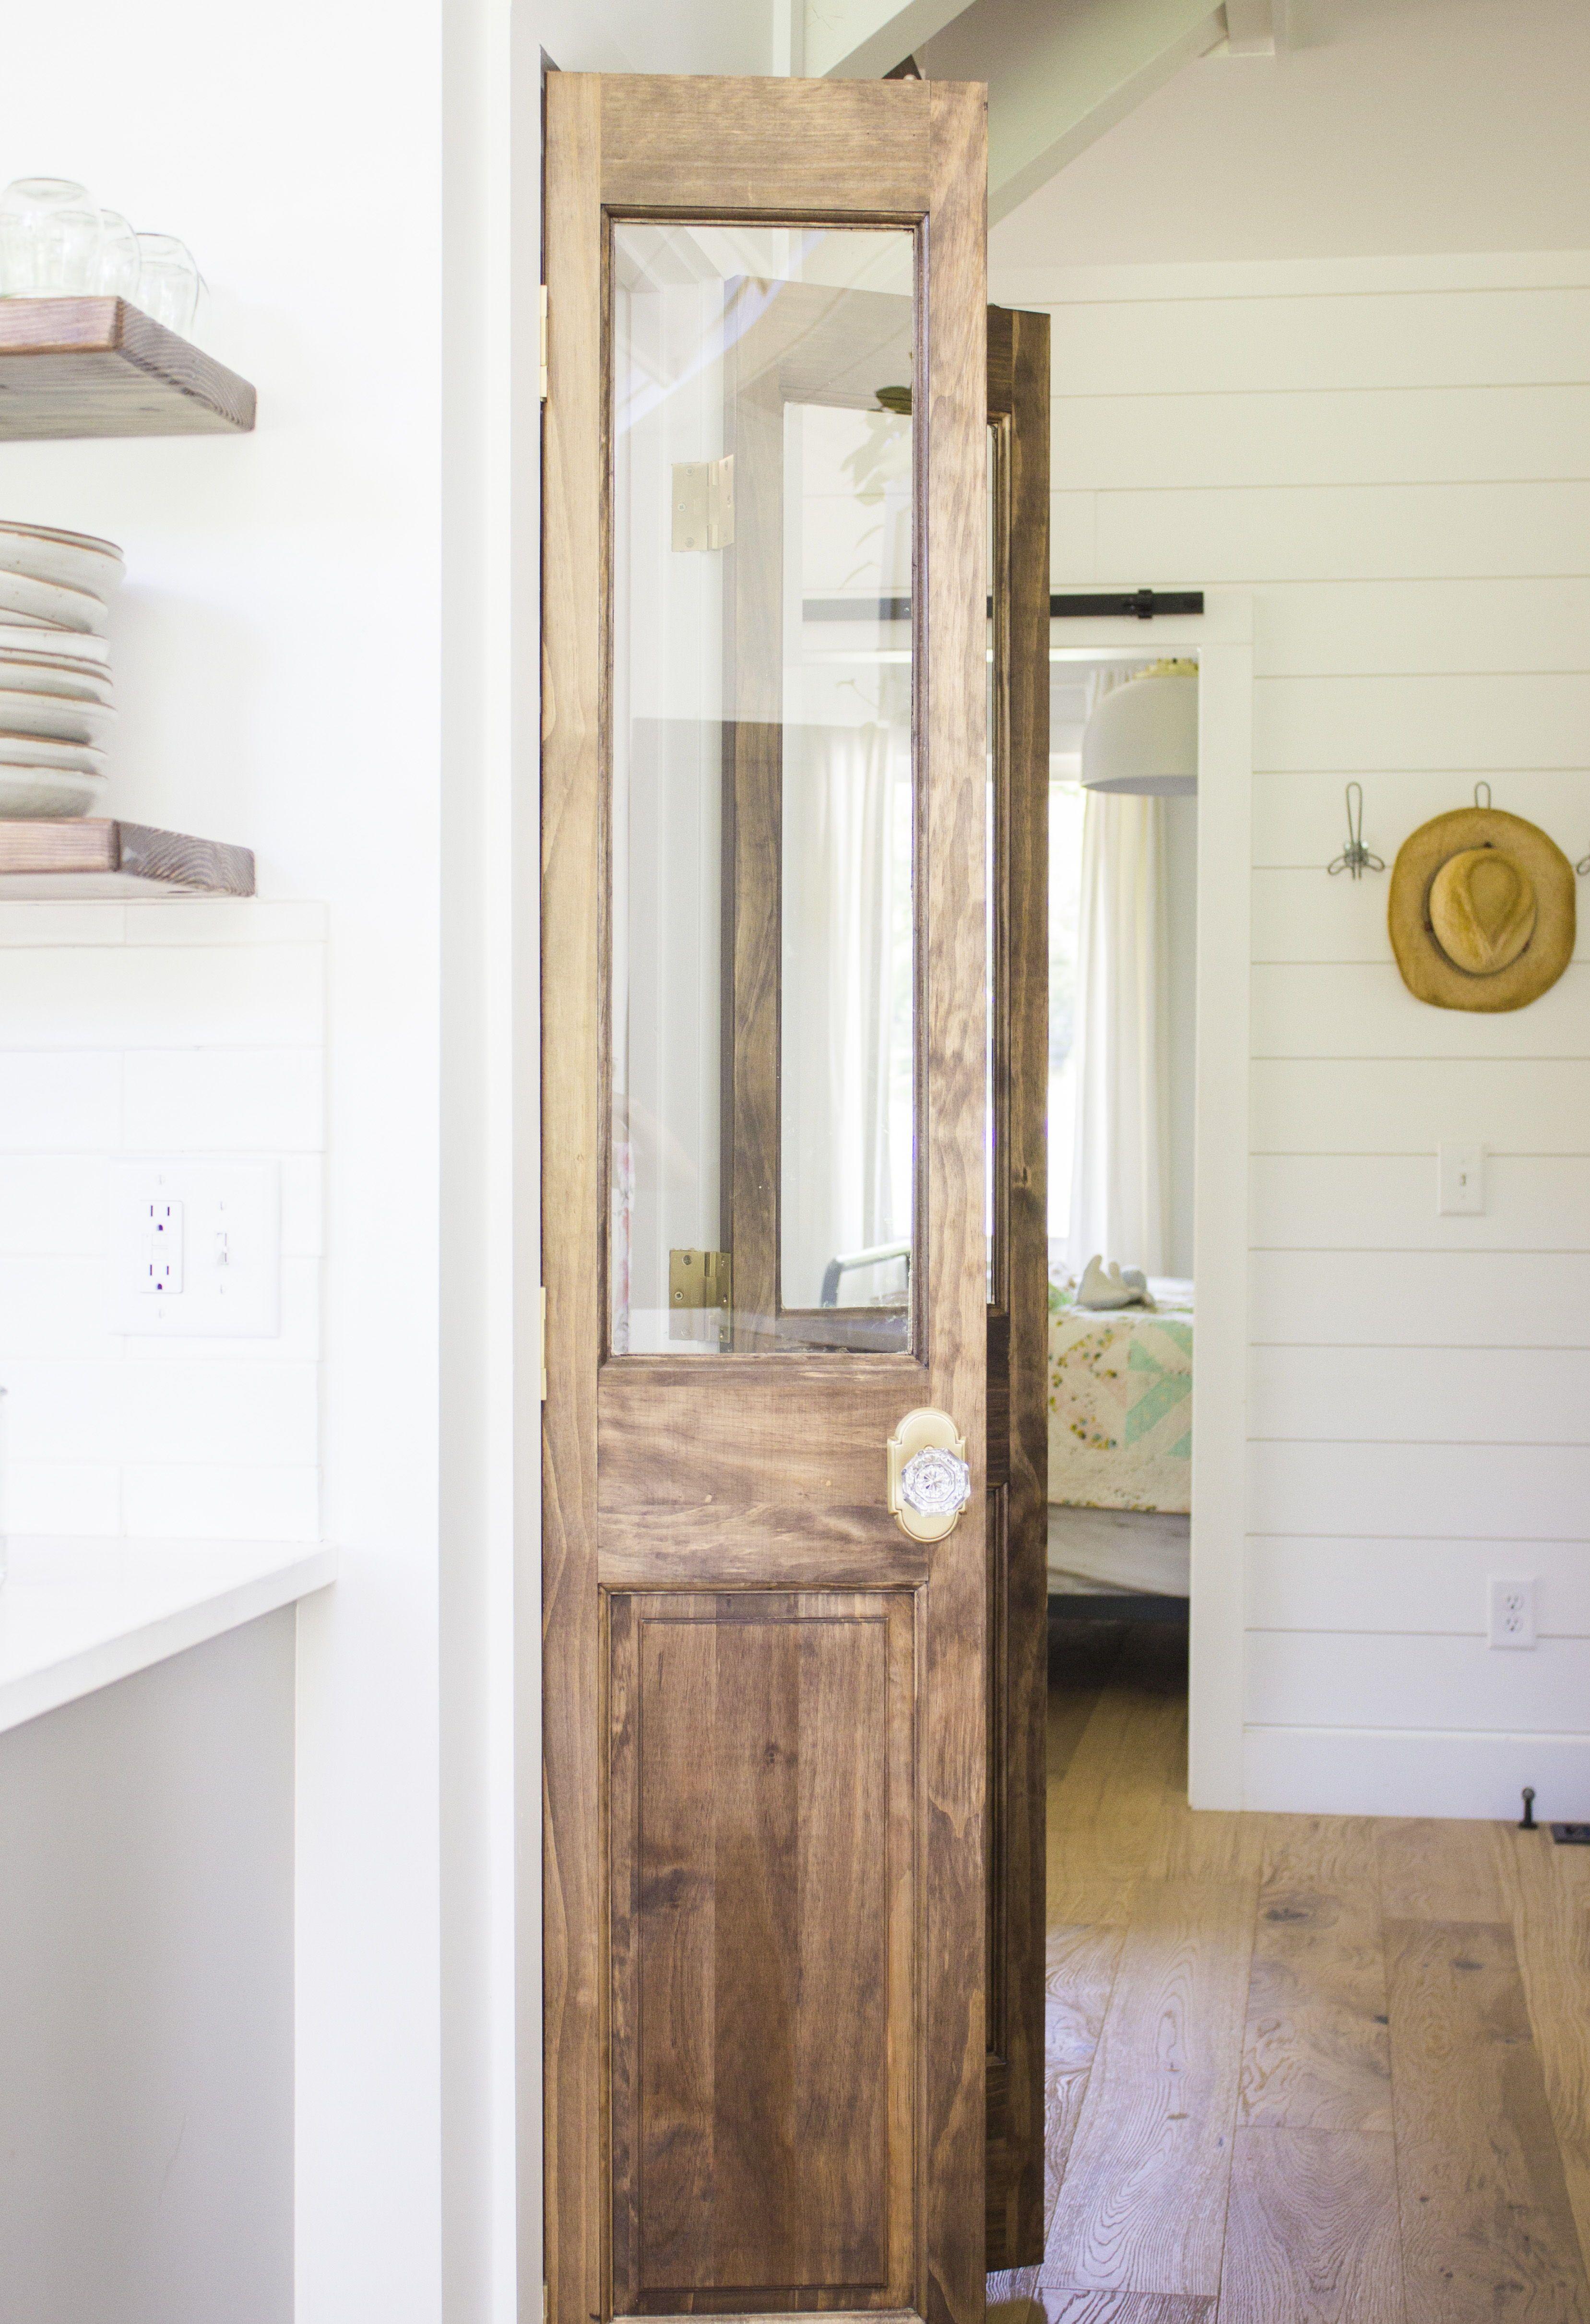 From Modern Crystal To Rustic Bronze Emtek S Selection Of Doorknobs Can T Be Beat Farmhouse Doors Doors Interior Door Design Interior